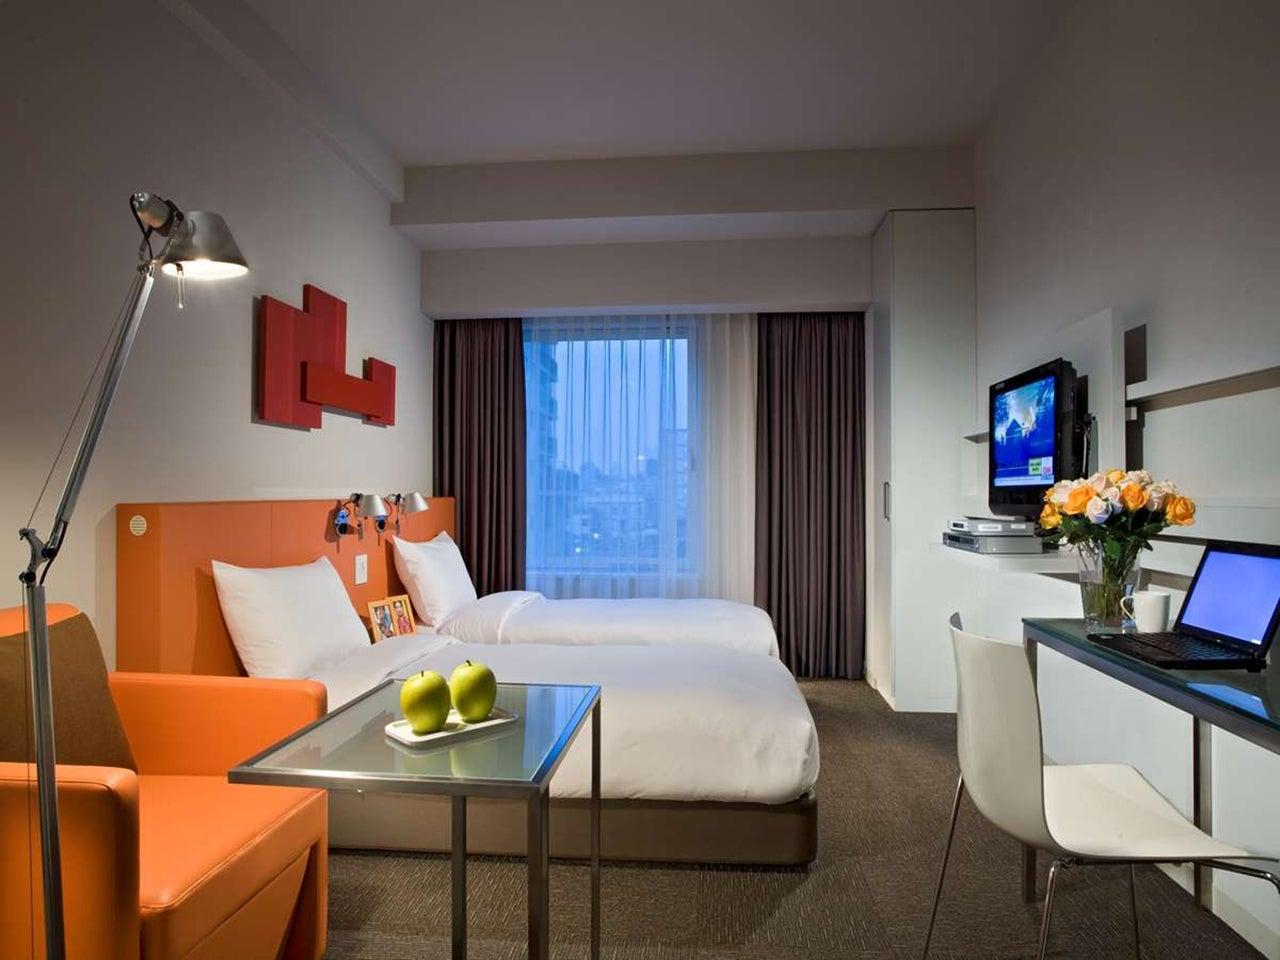 Appart Hotel Tokyo